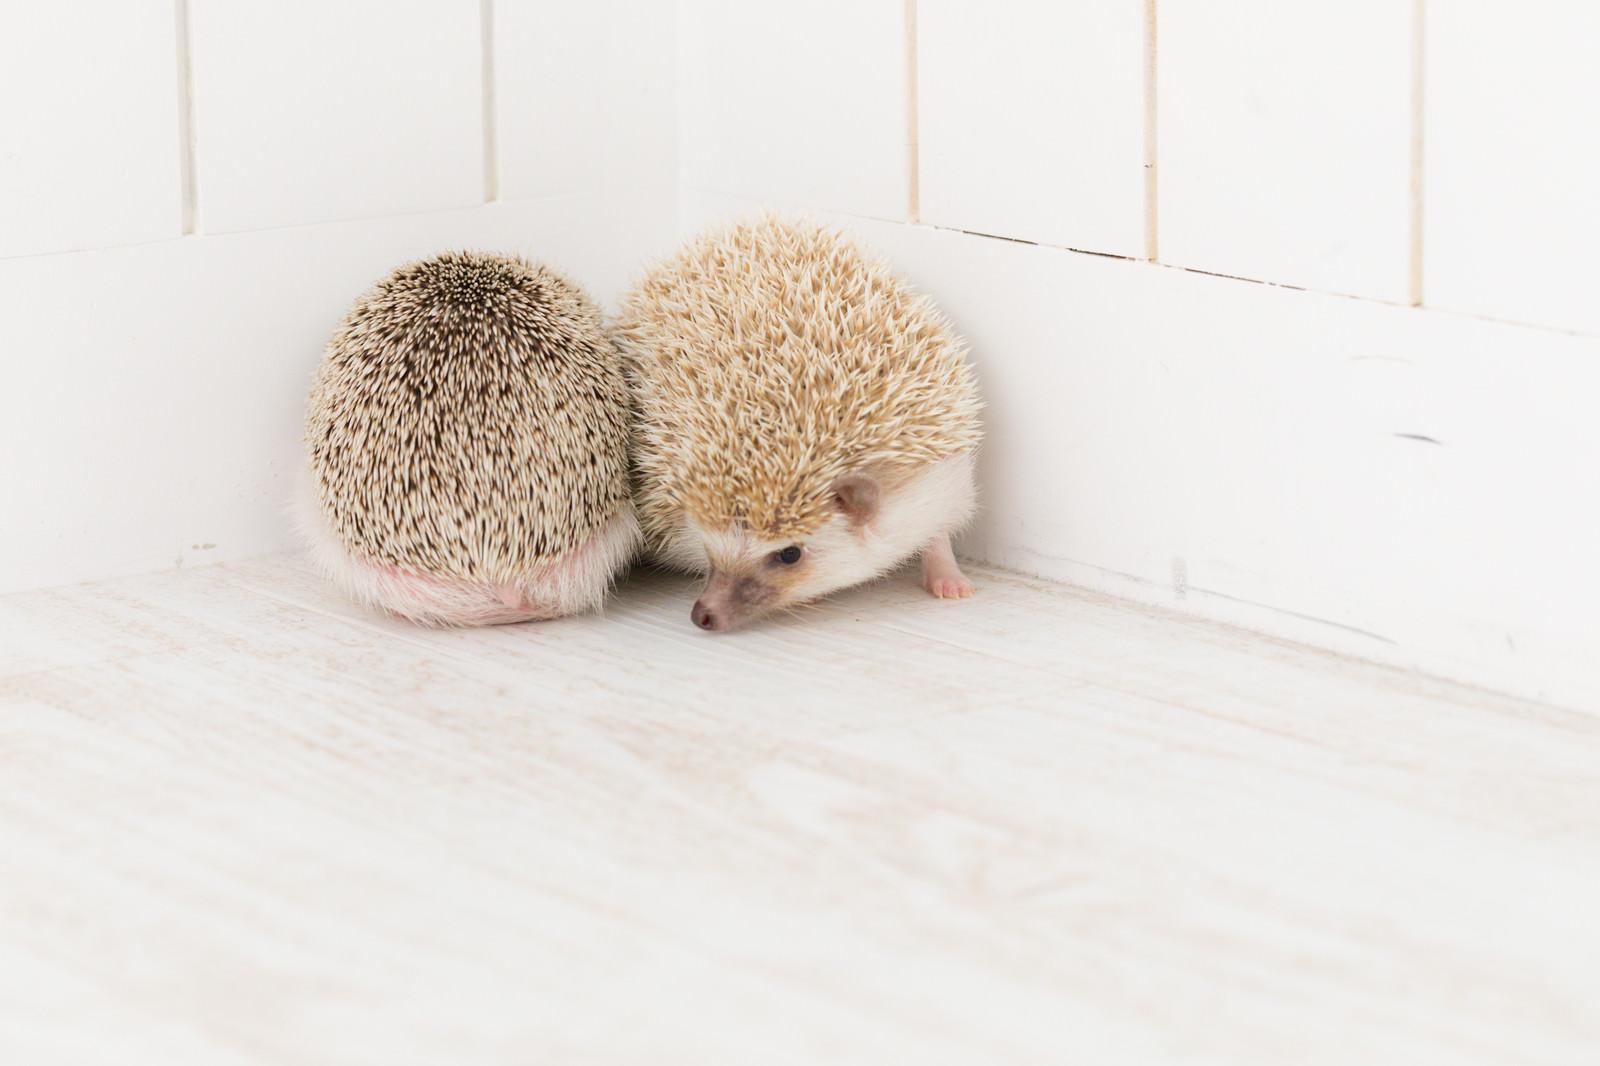 「壁際で寄り添う二匹のハリネズミ」の写真